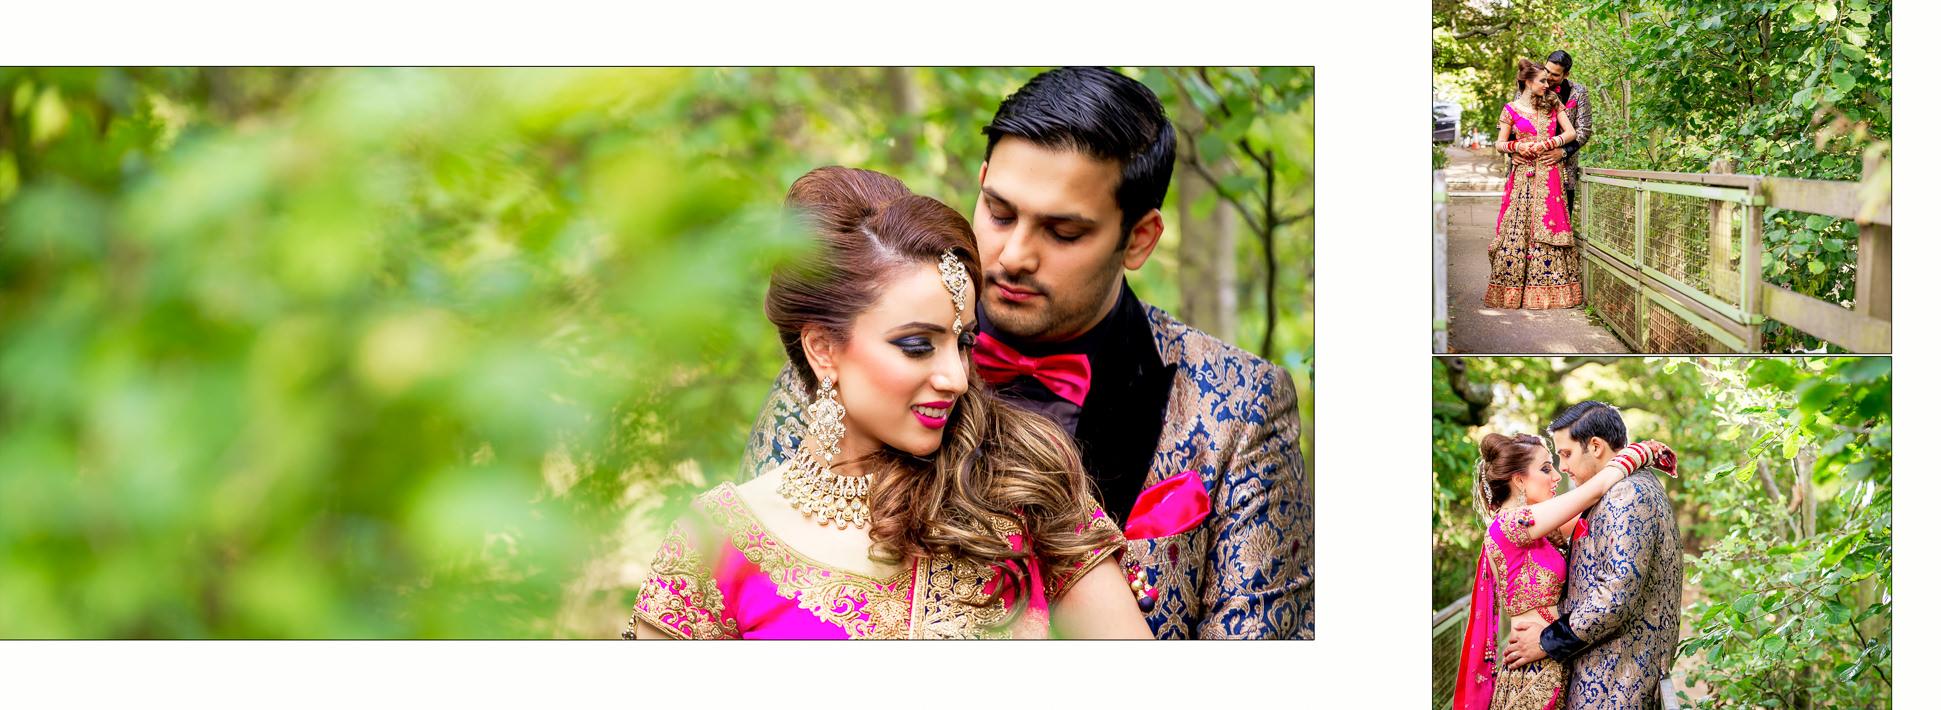 indian-wedding-photographer-sikh (35 of 43)